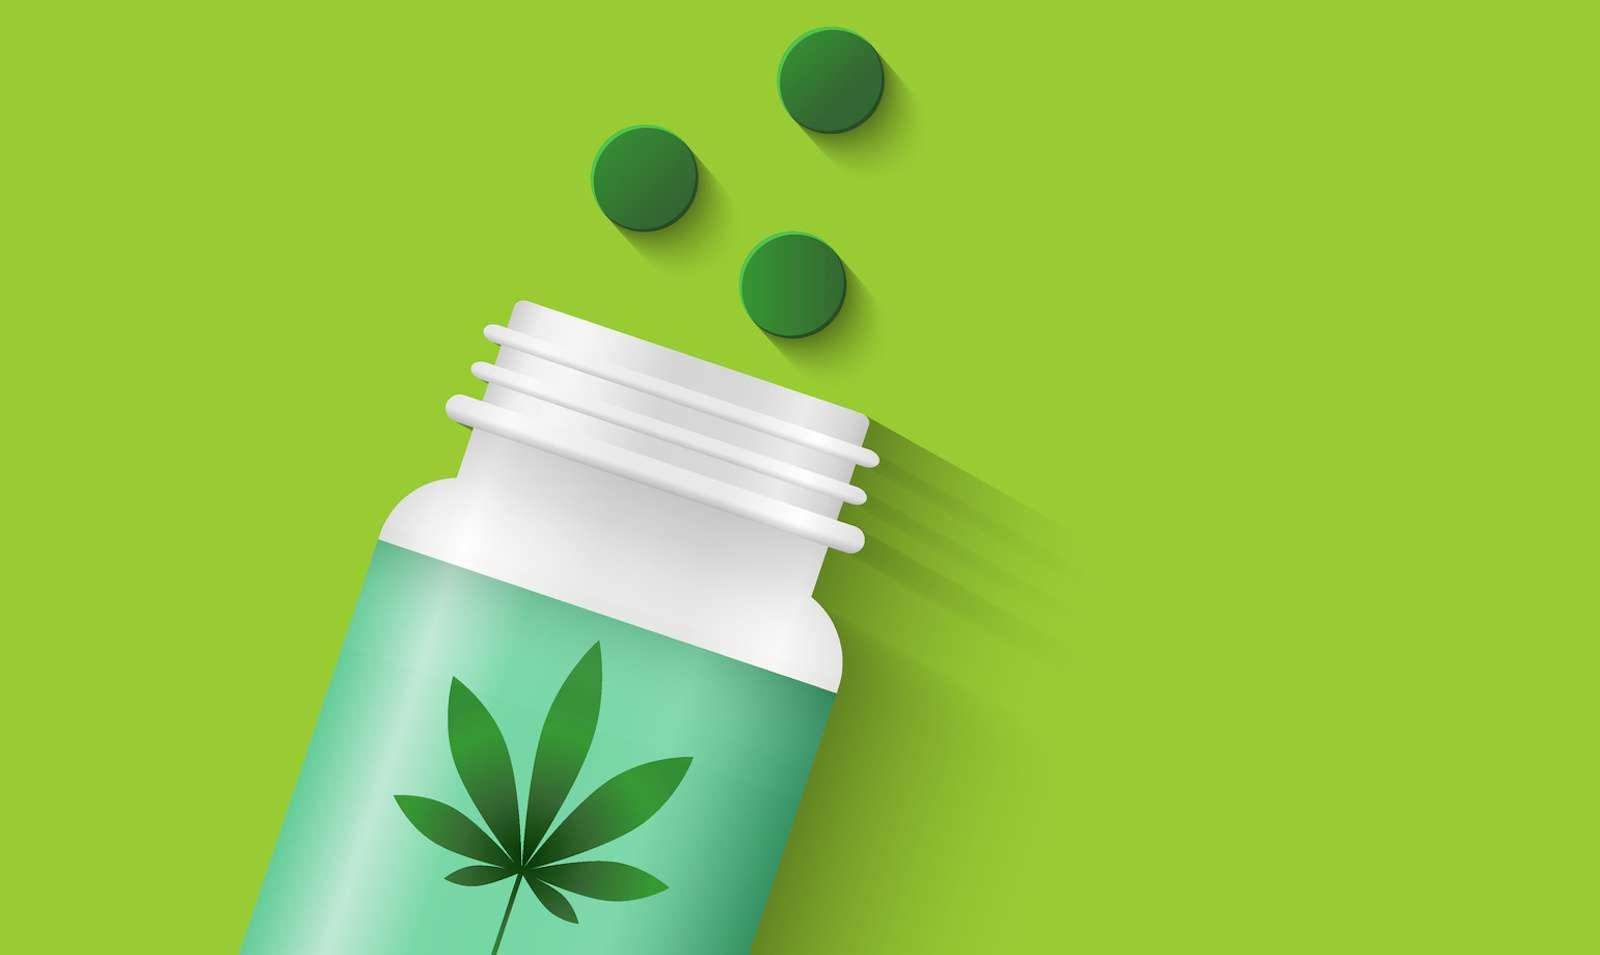 Deux nouvelles molécules antidouleur ont été identifiées dans le cannabis. © lvnl, Fotolia